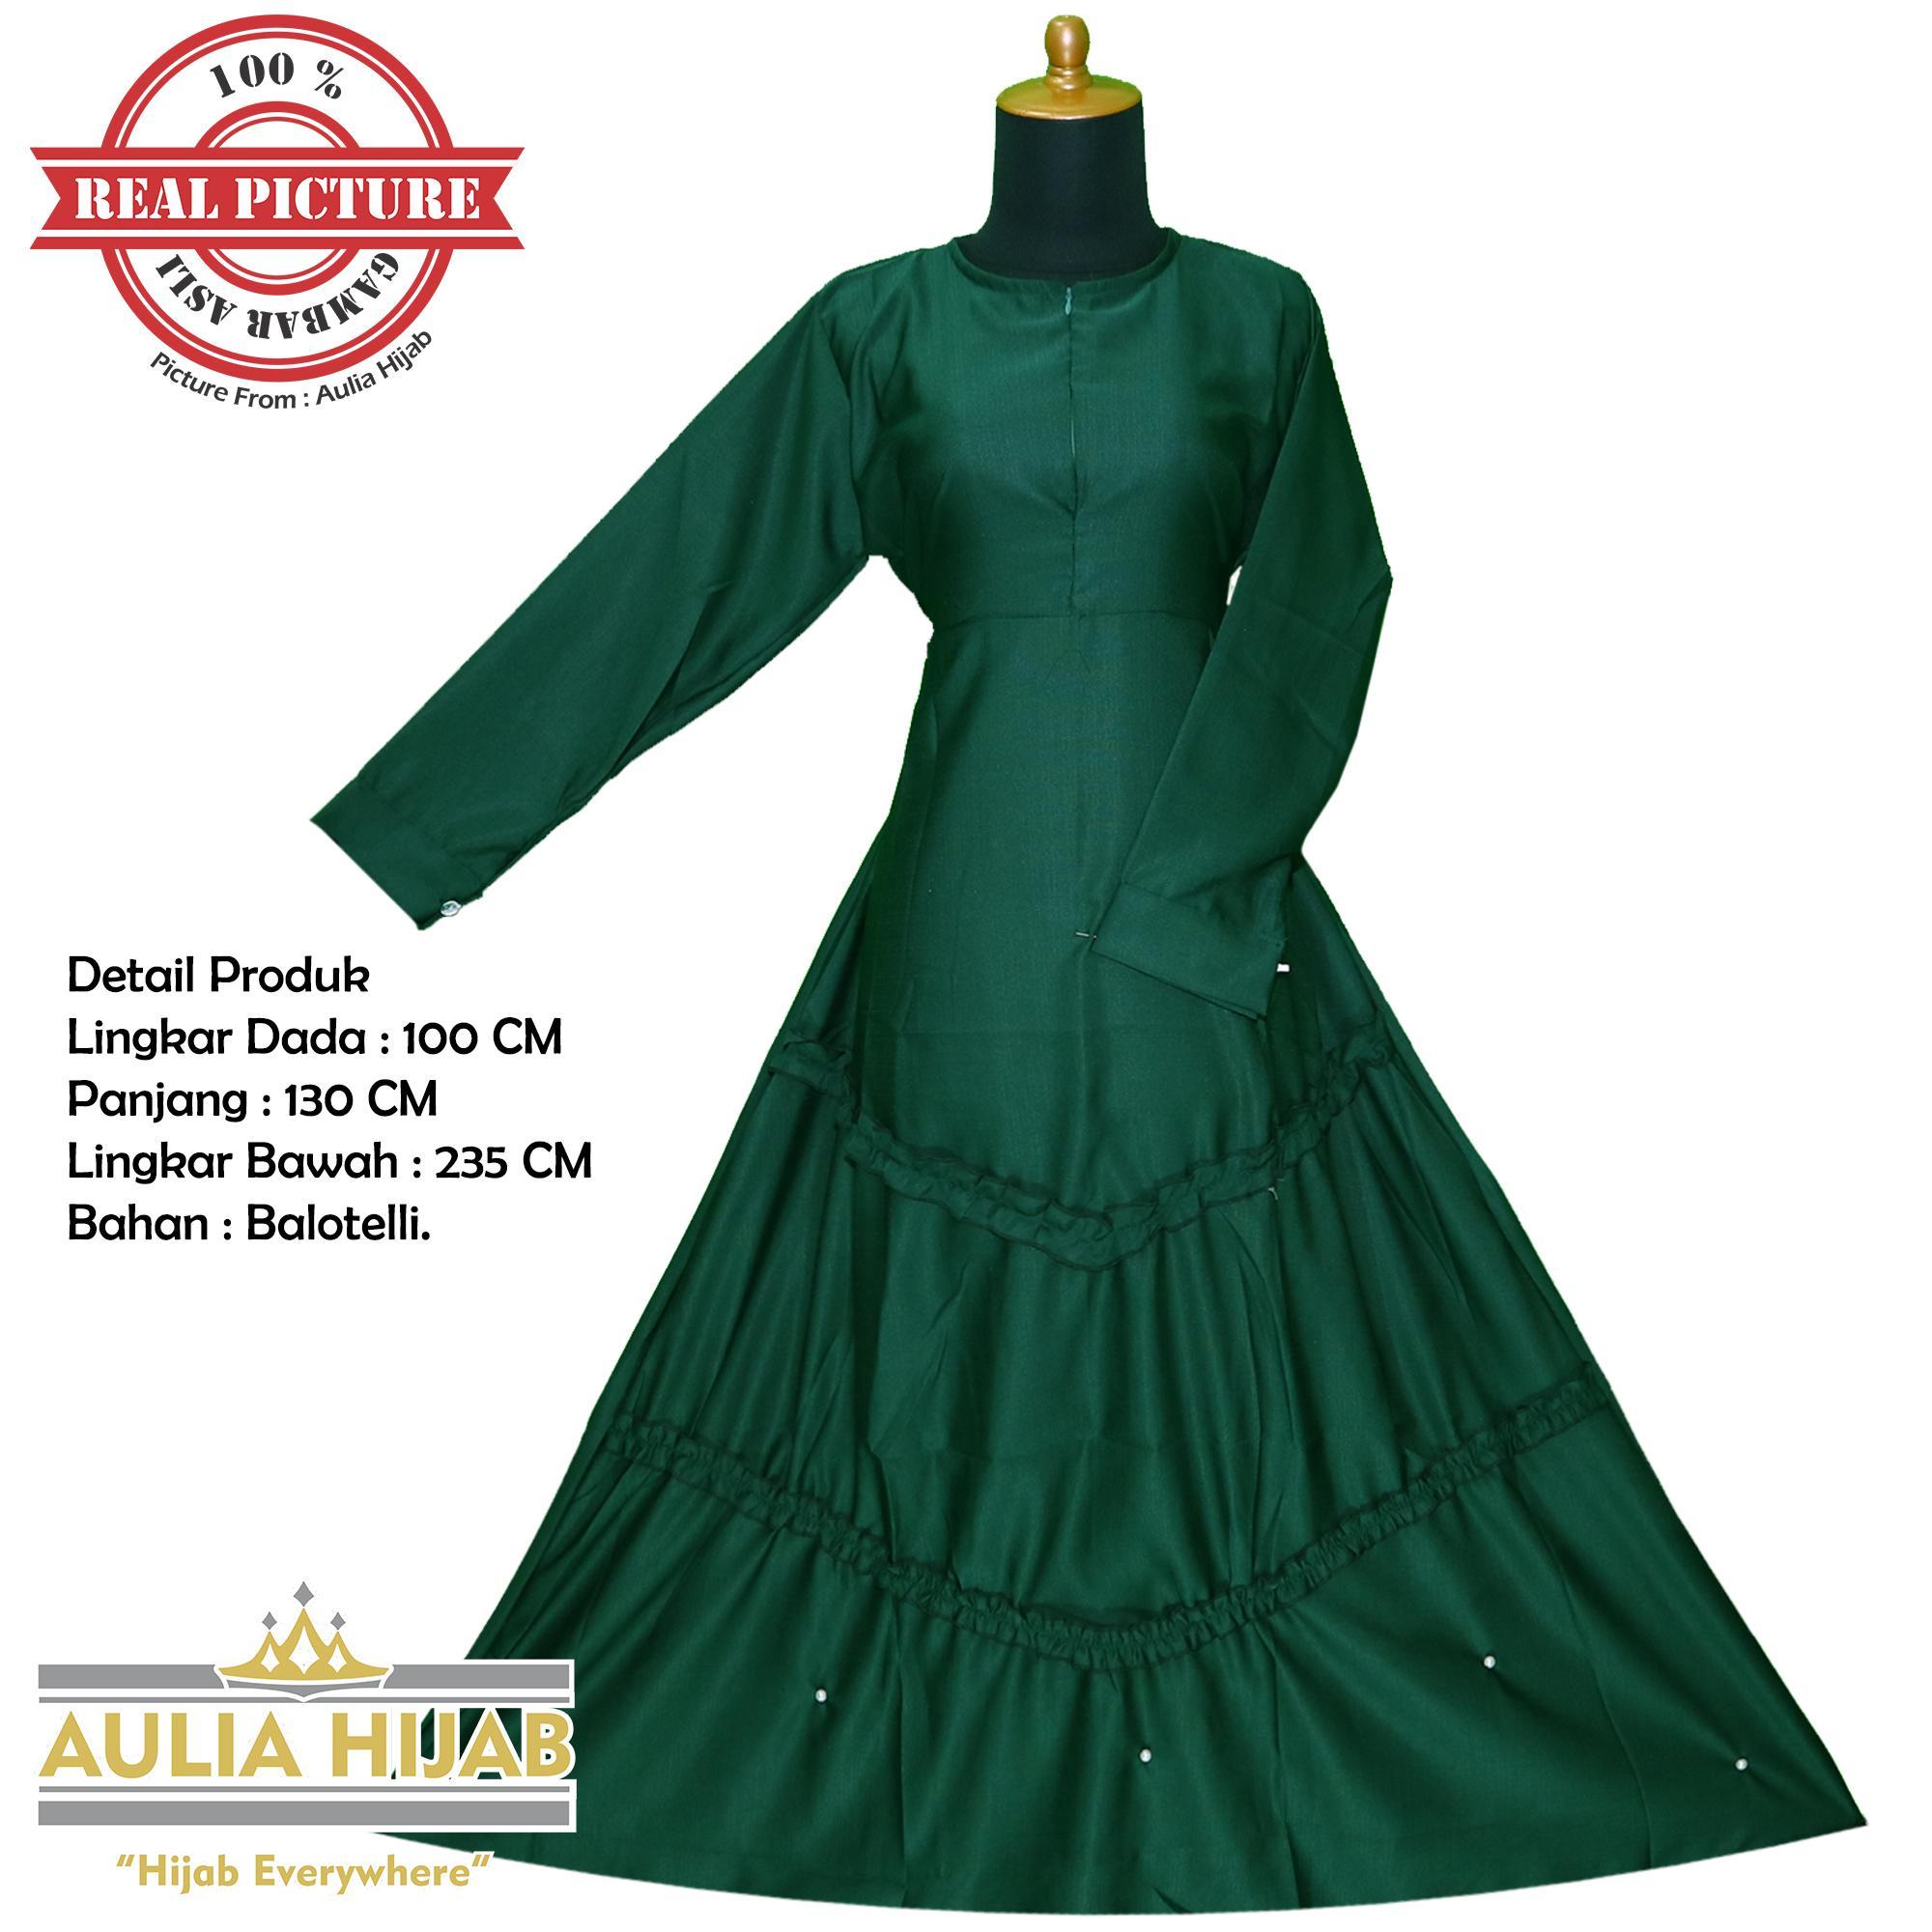 Aulia Hijab - Gamis Jihan Dress Bahan Balotelli/Gamis Balotelli/Gamis Balotelli Premium/Gamis Katun/Gamis Katun Dress/Gamis Murah/Gamis Cantik/Gamis Pesta/Gamis Terbaru/Gamis Real Picture/Gamis Aulia Hijab